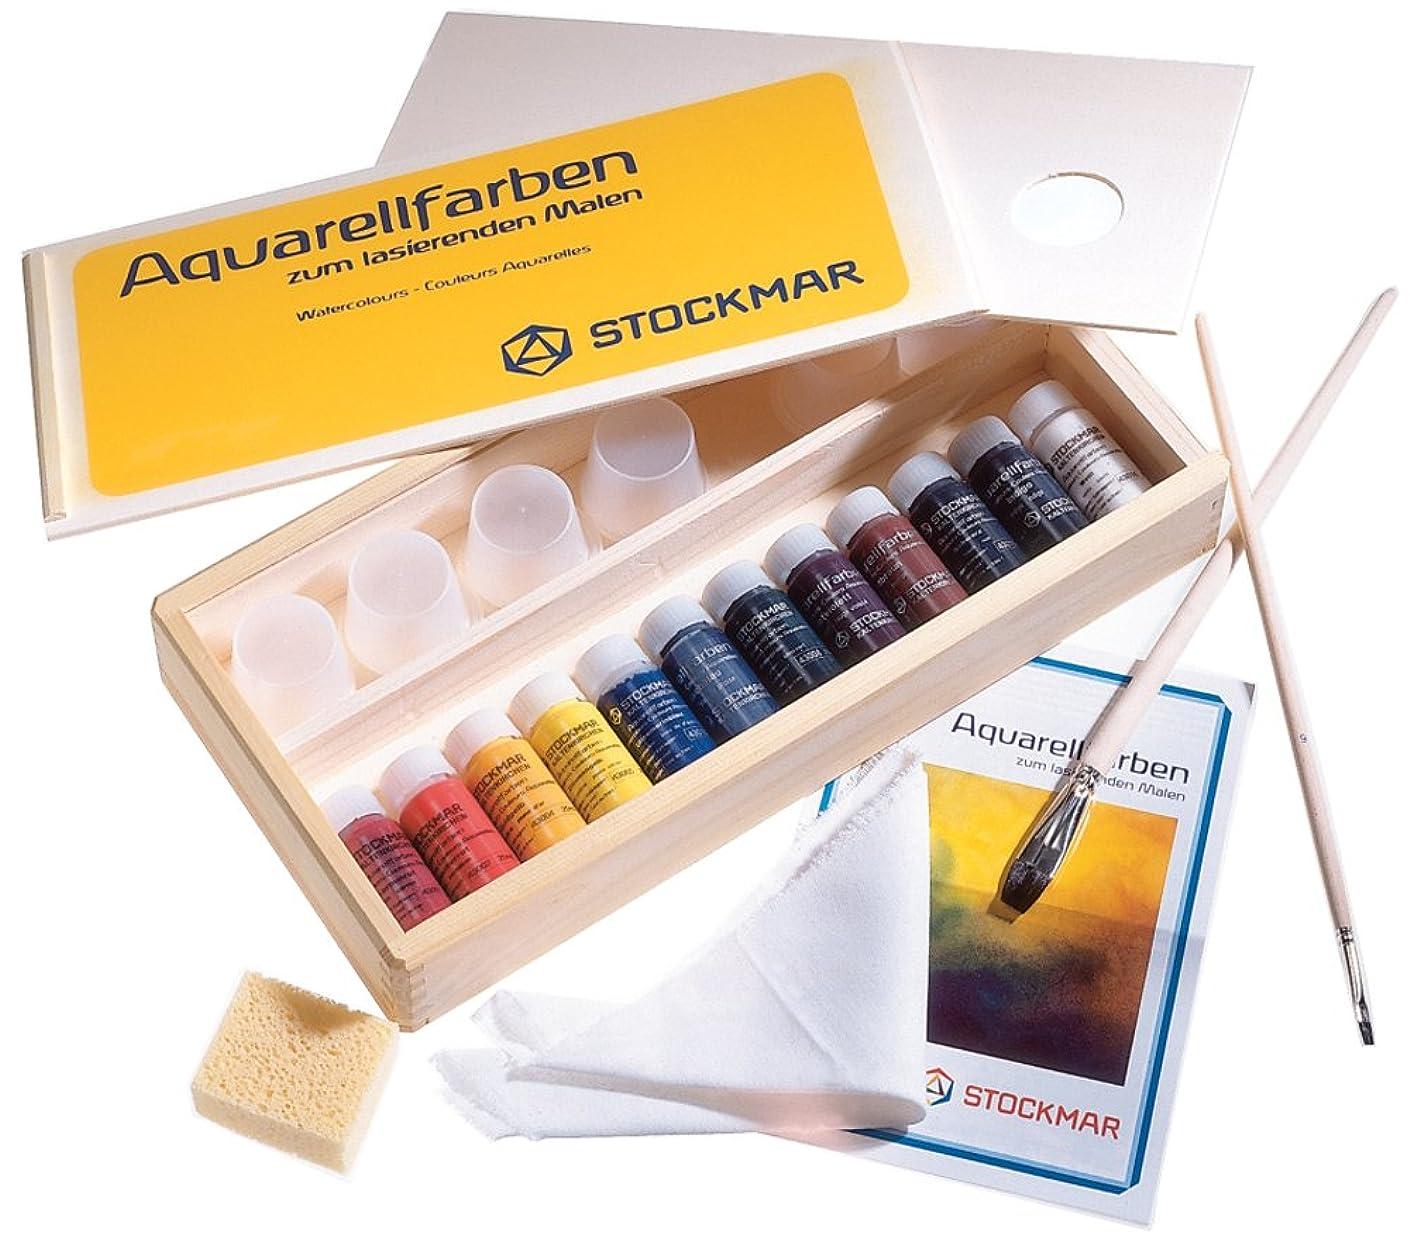 Stockmar Complete Watercolor Paint Set